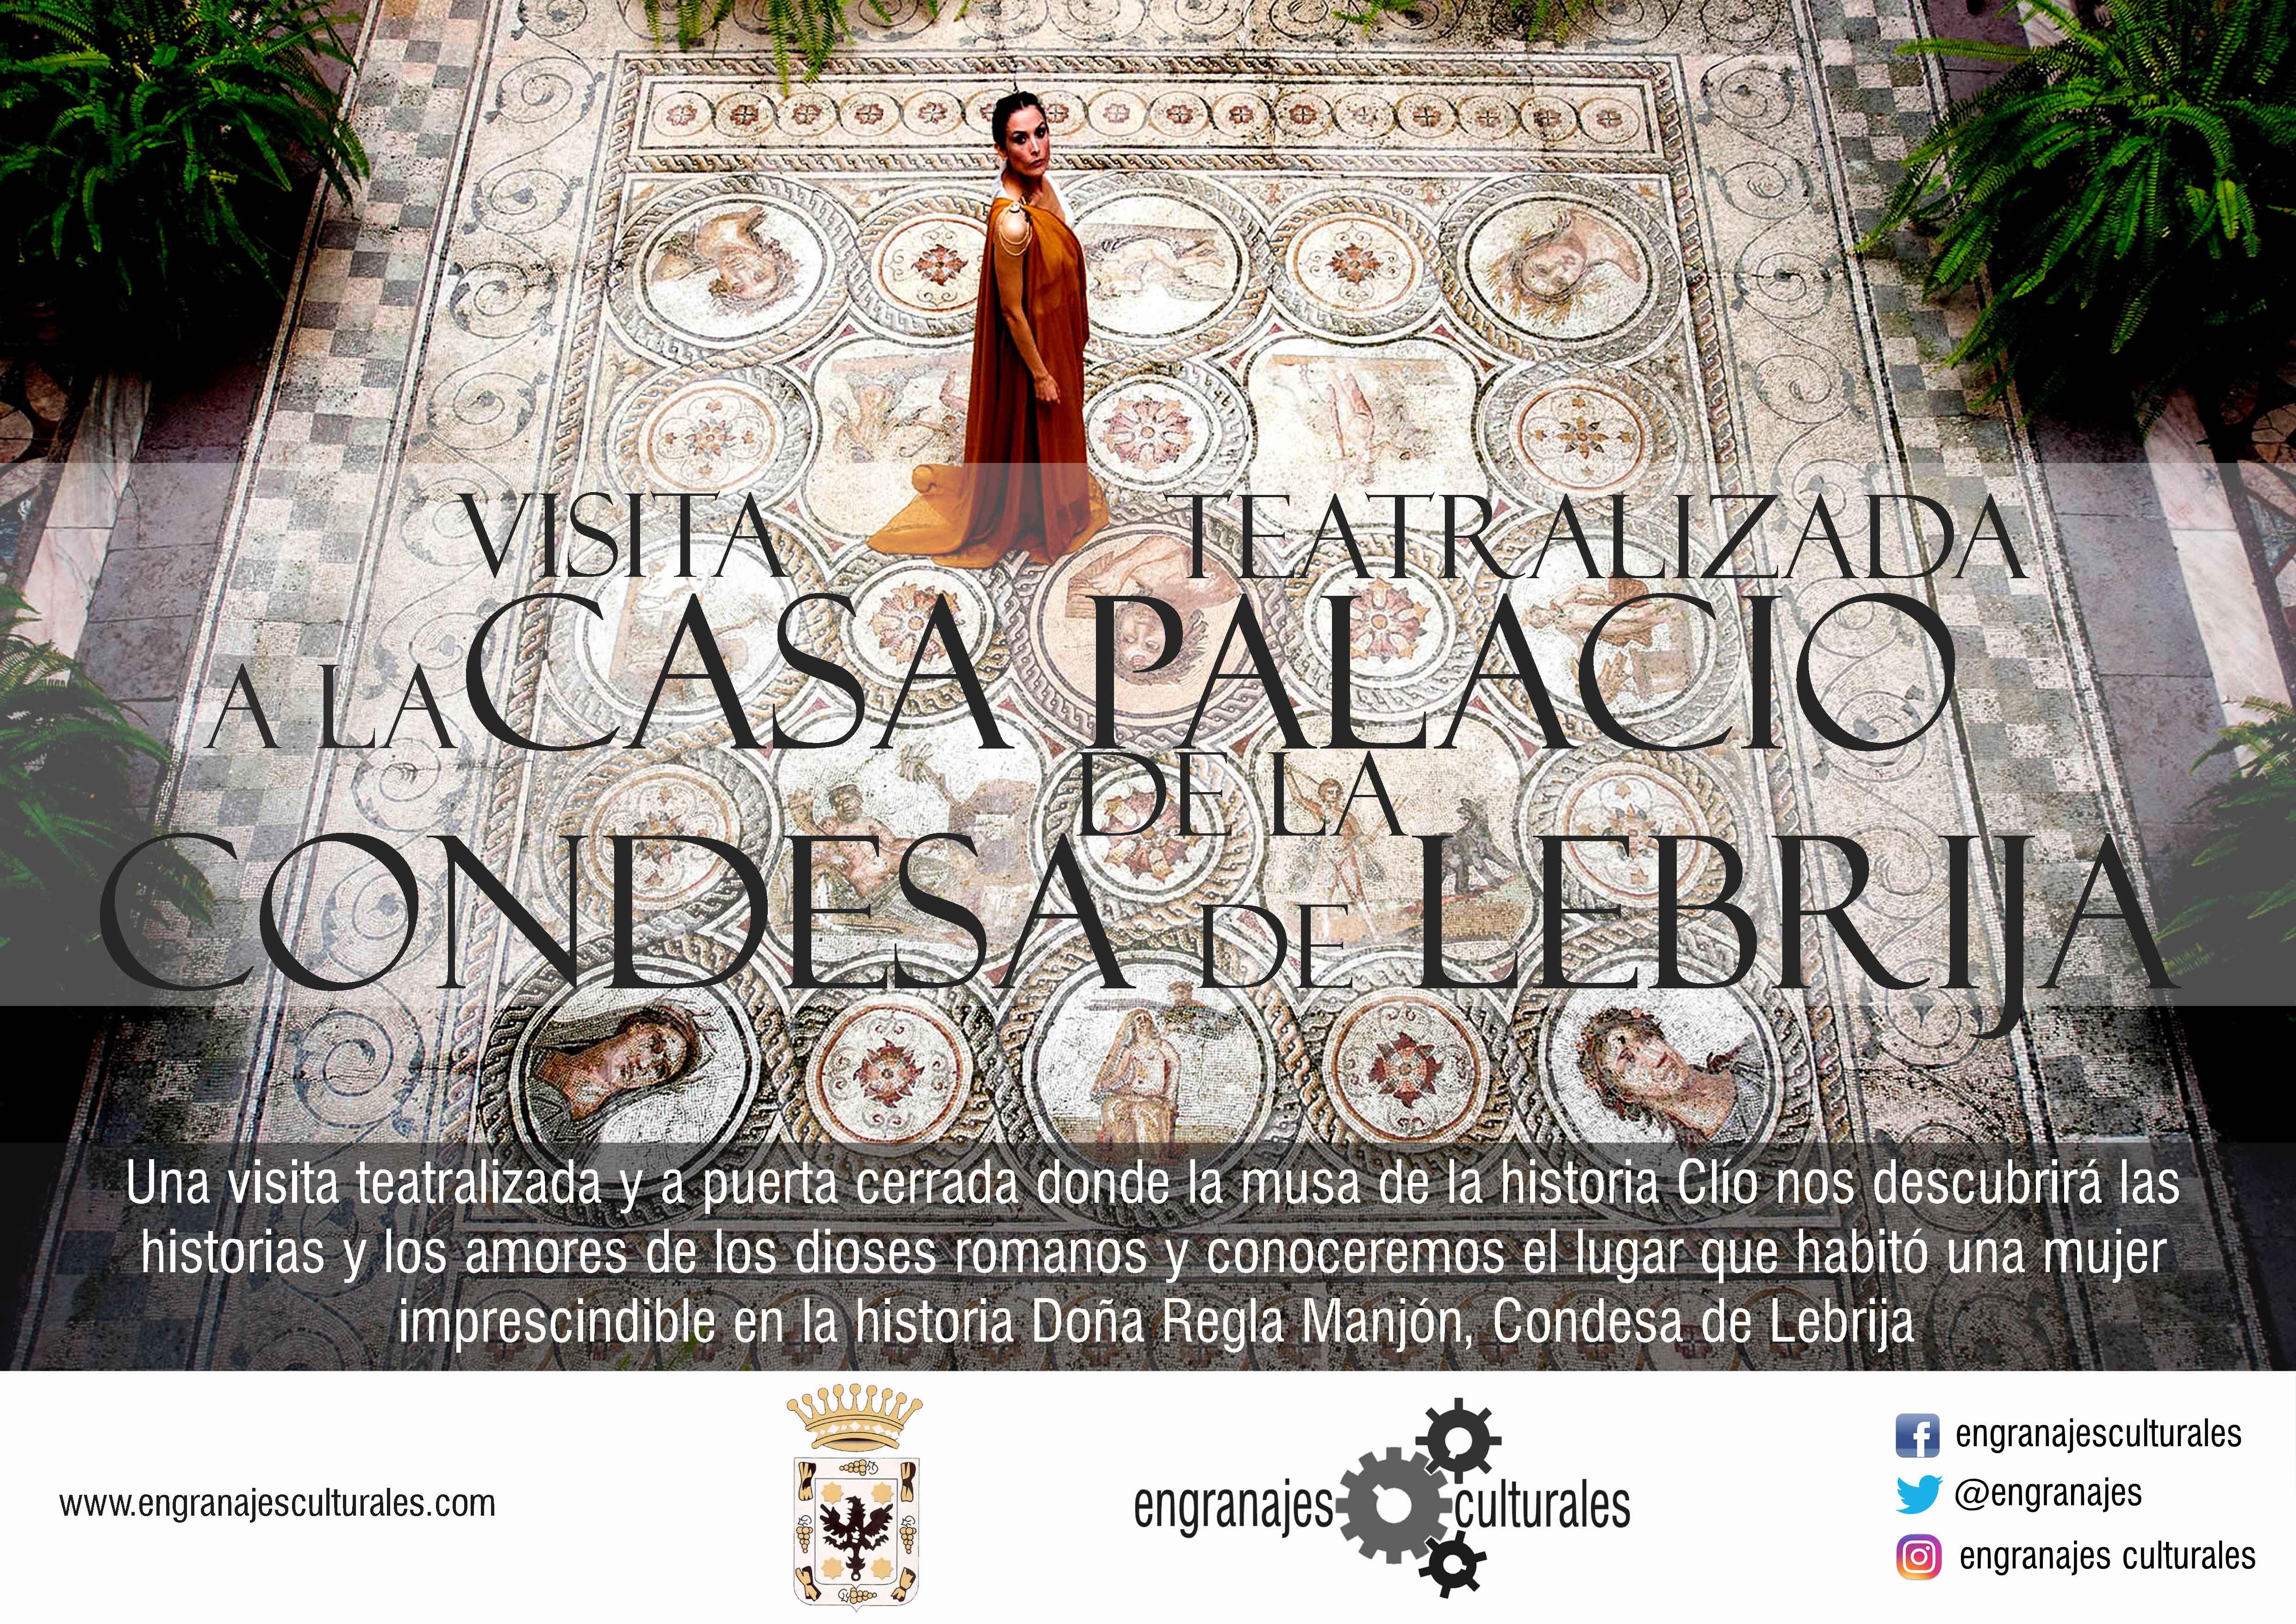 Visita teatralizada al palacio de la condesa de for Alquiler de casas en lebrija sevilla